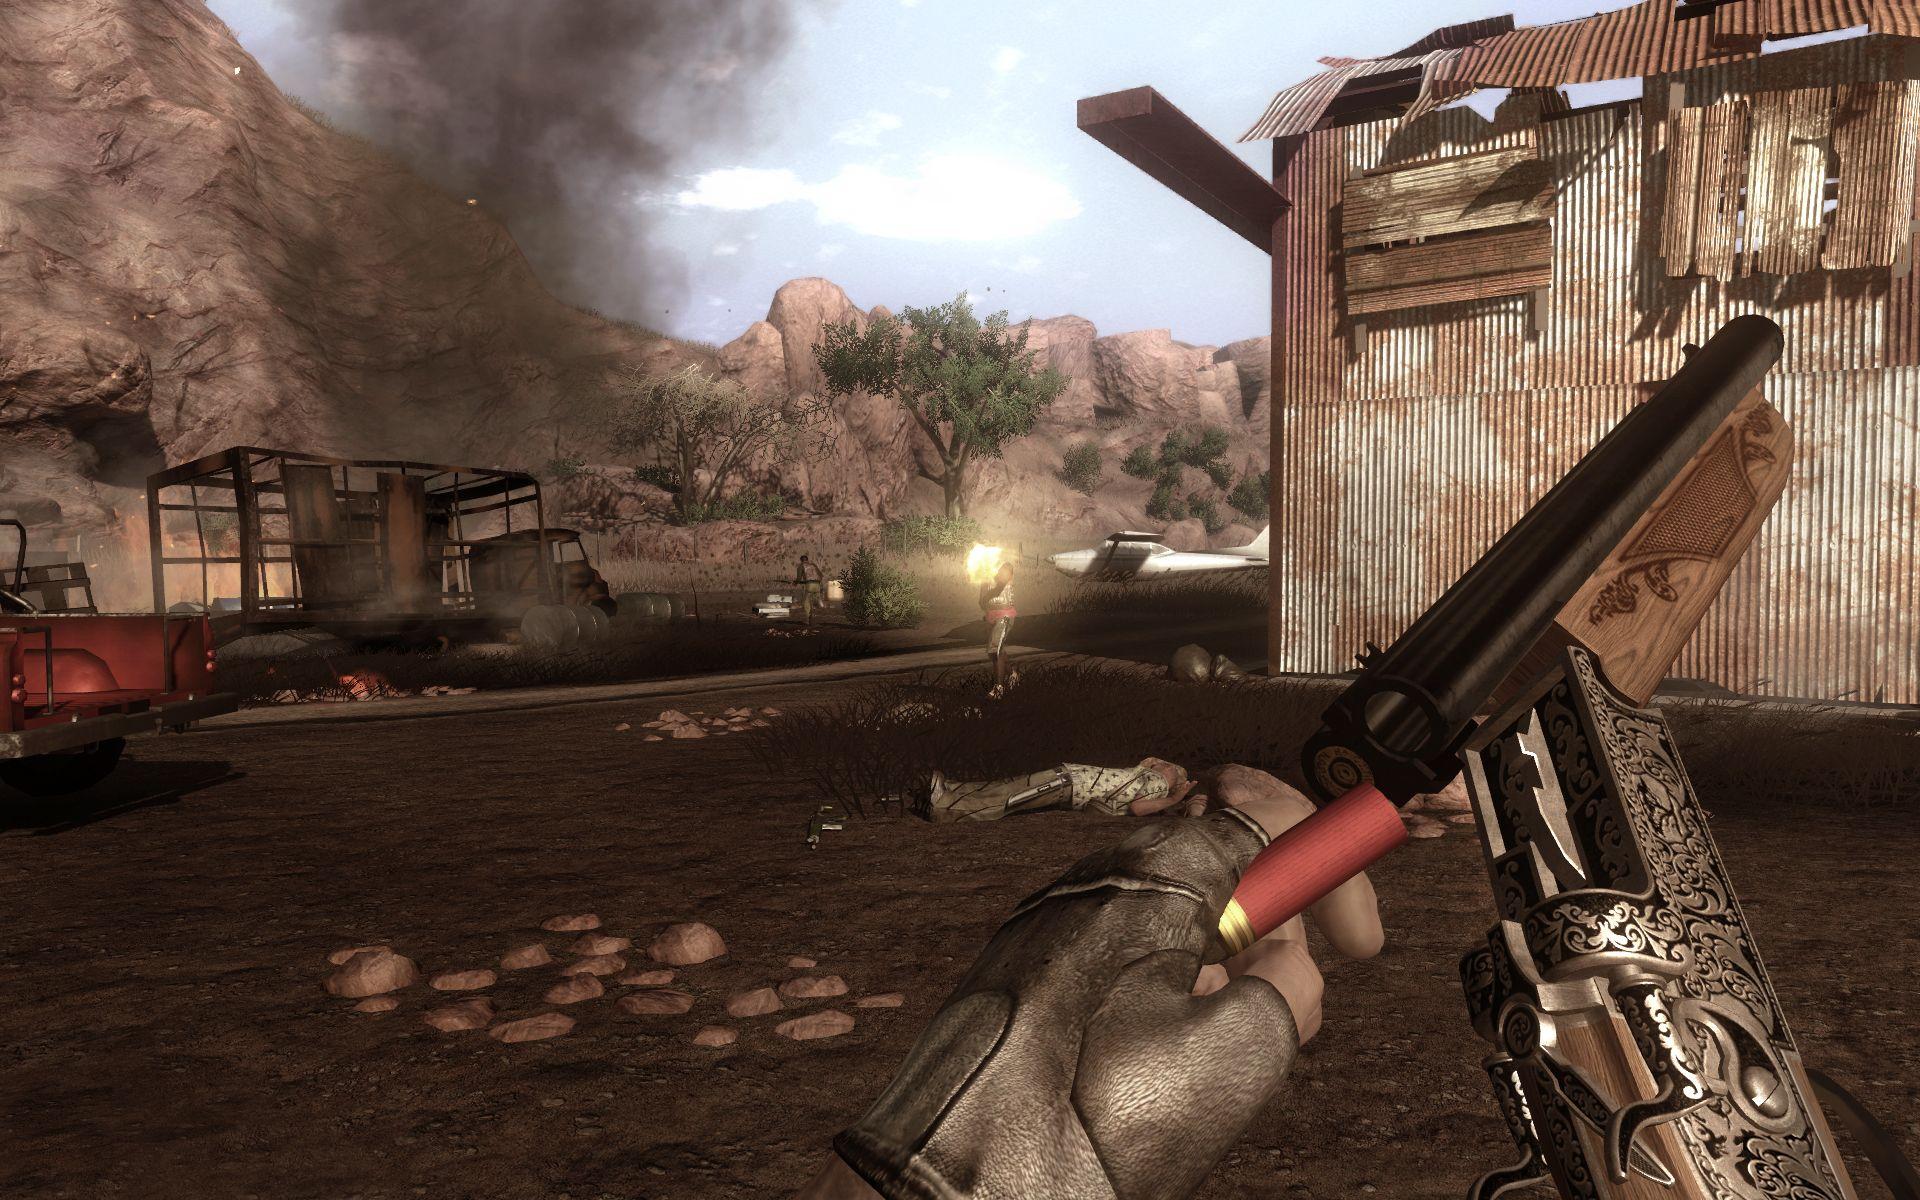 Скриншот из игры Far Cry 2 под номером 75.